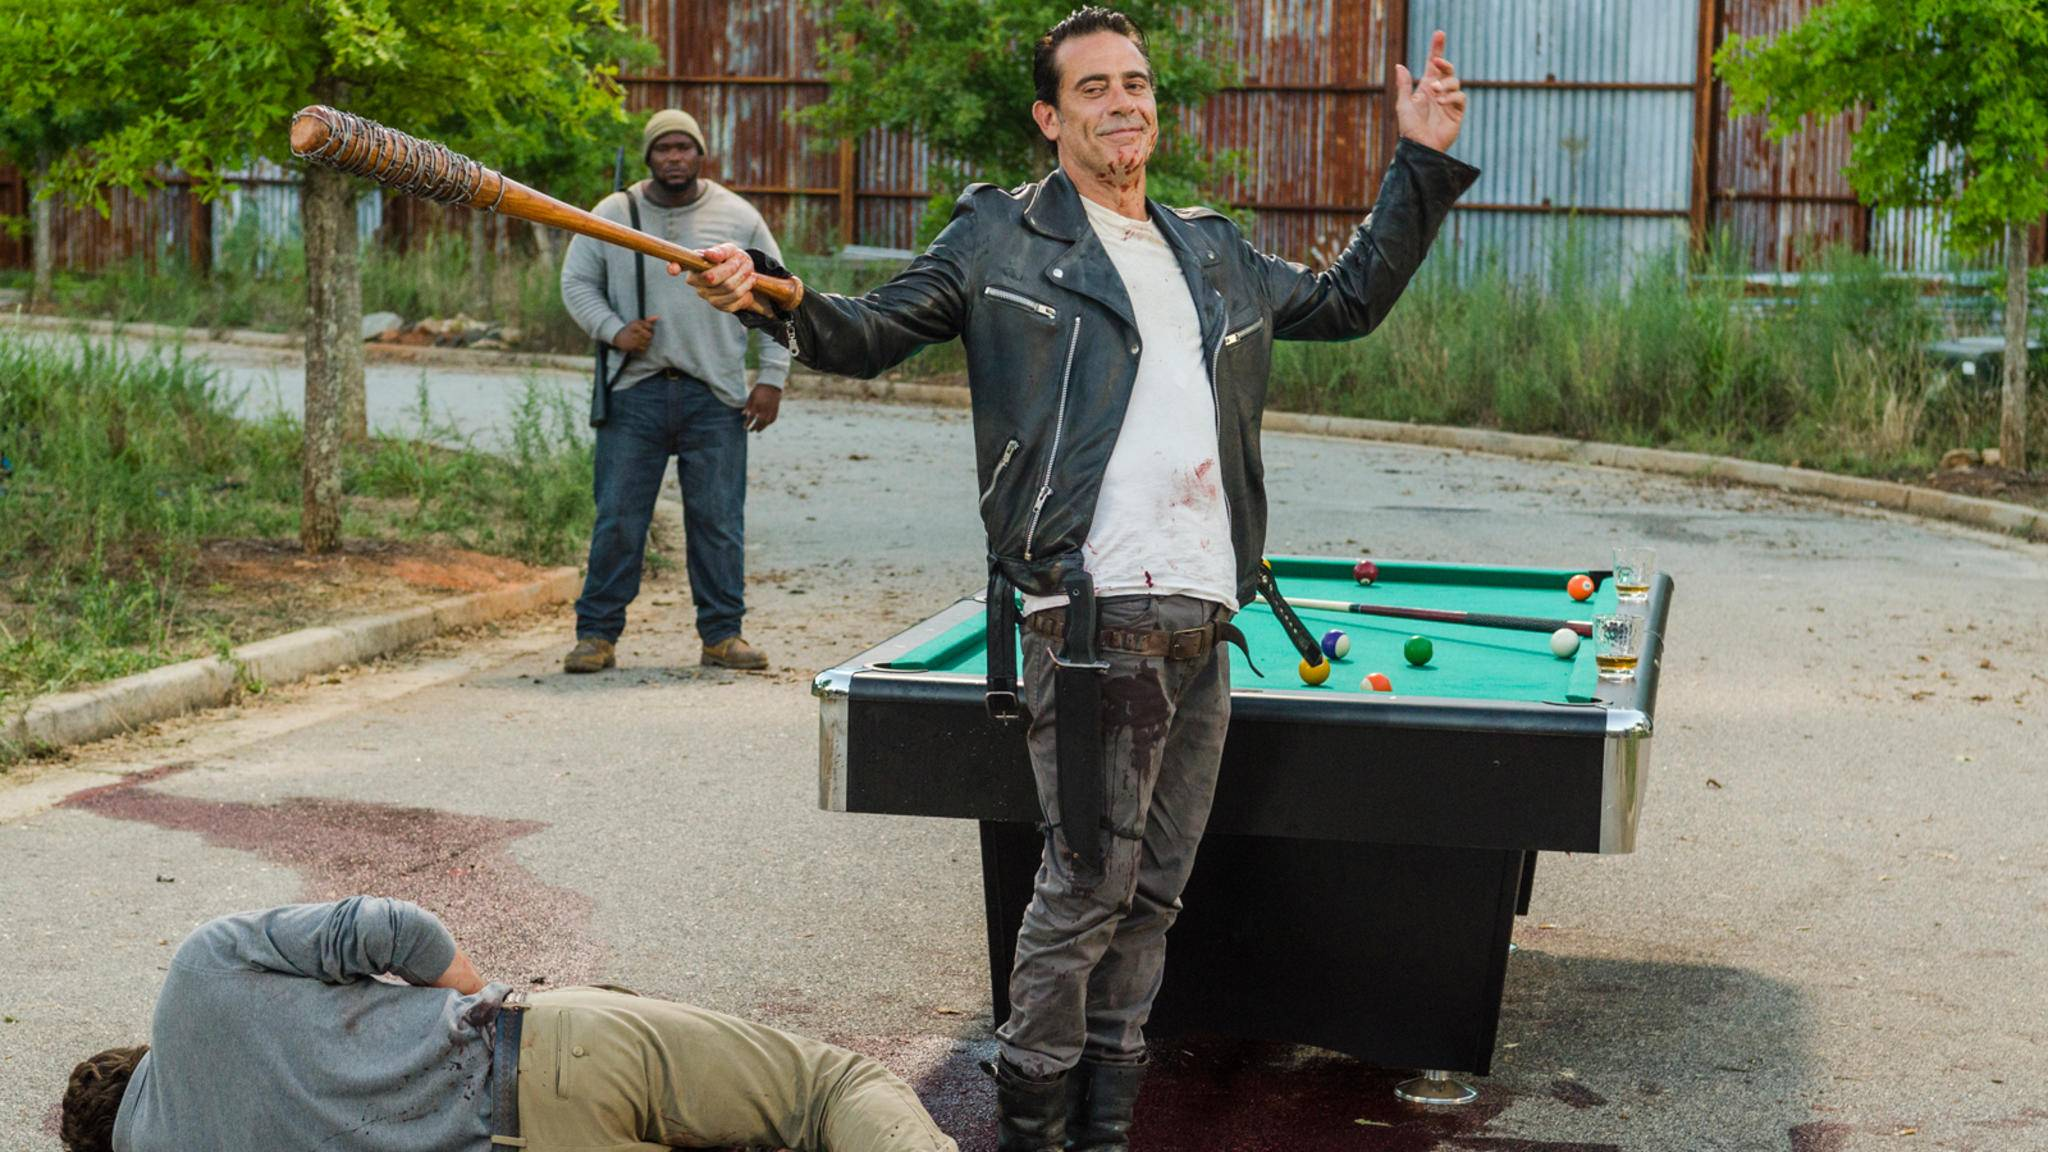 """In Staffel 8 könnten Fans von """"The Walking Dead"""" endlich ein paar von Negans deftigeren Sprüchen zu hören bekommen."""